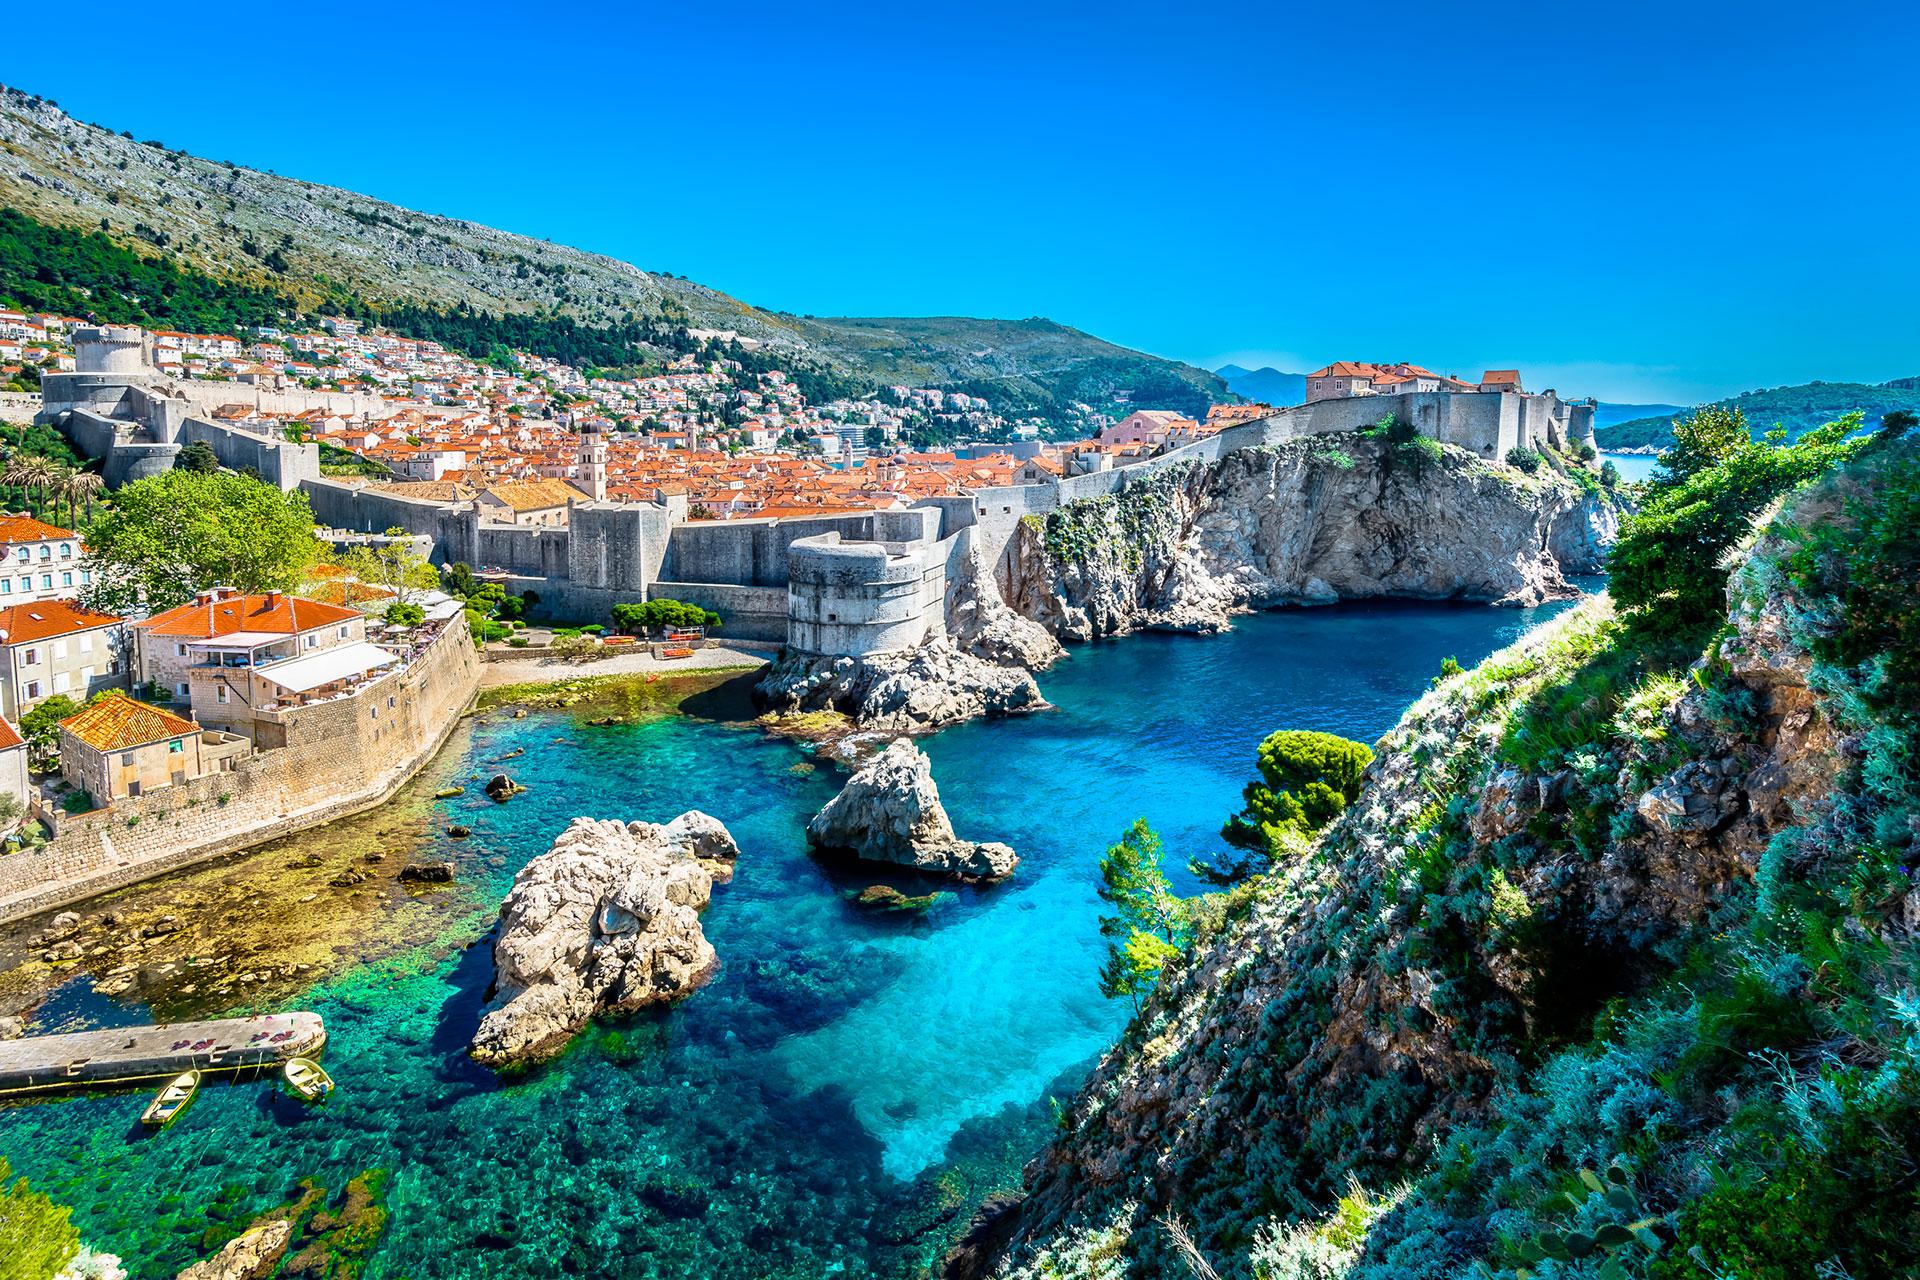 El país europeo obtiene el 11% de su PIB del turismo. Ahora está permitiendo turistas, con ciertas restricciones